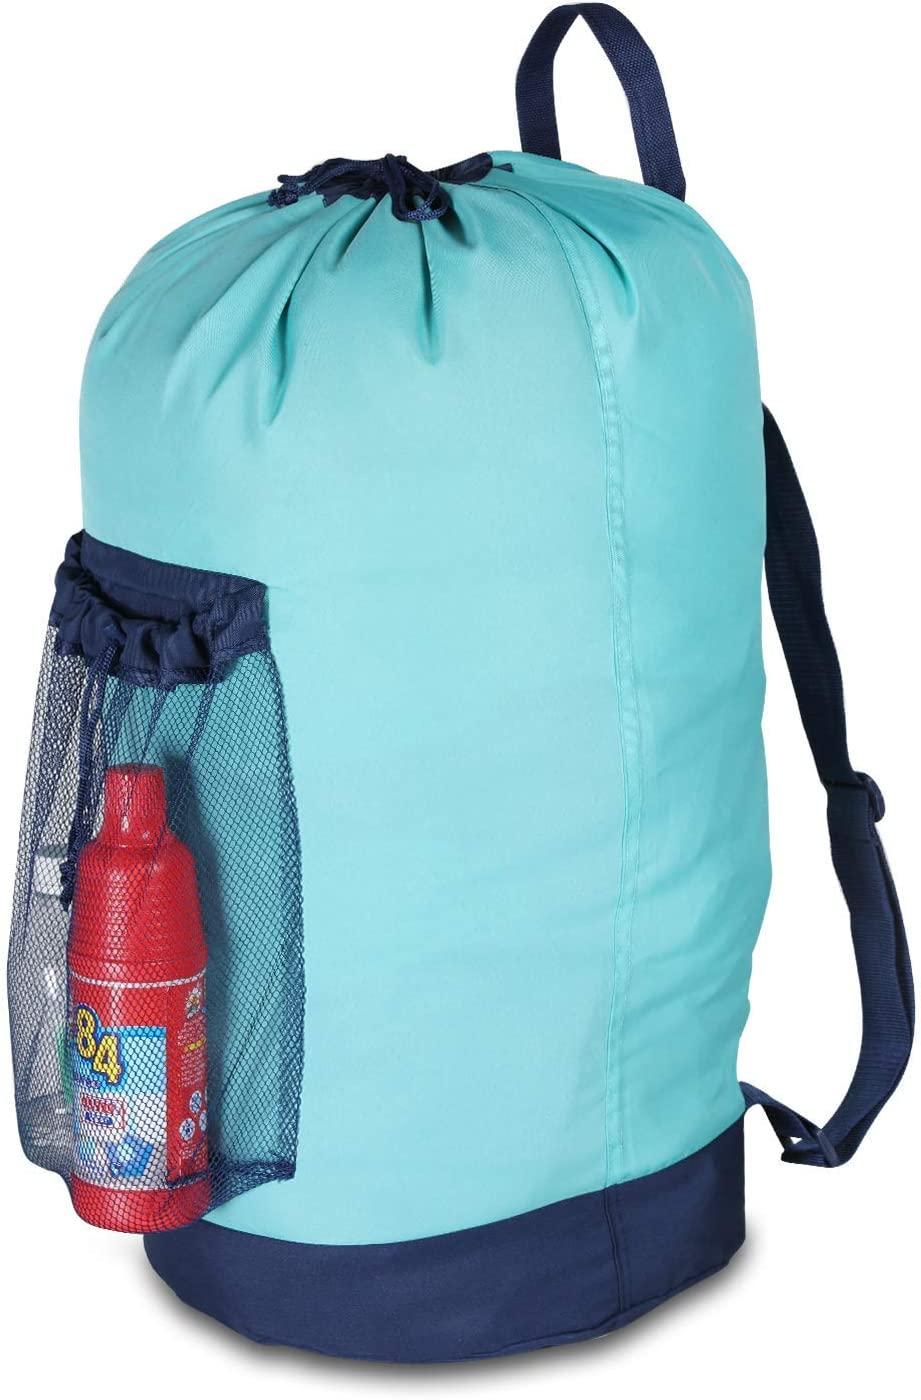 Dalykate Backpack Laundry Bag for Travel